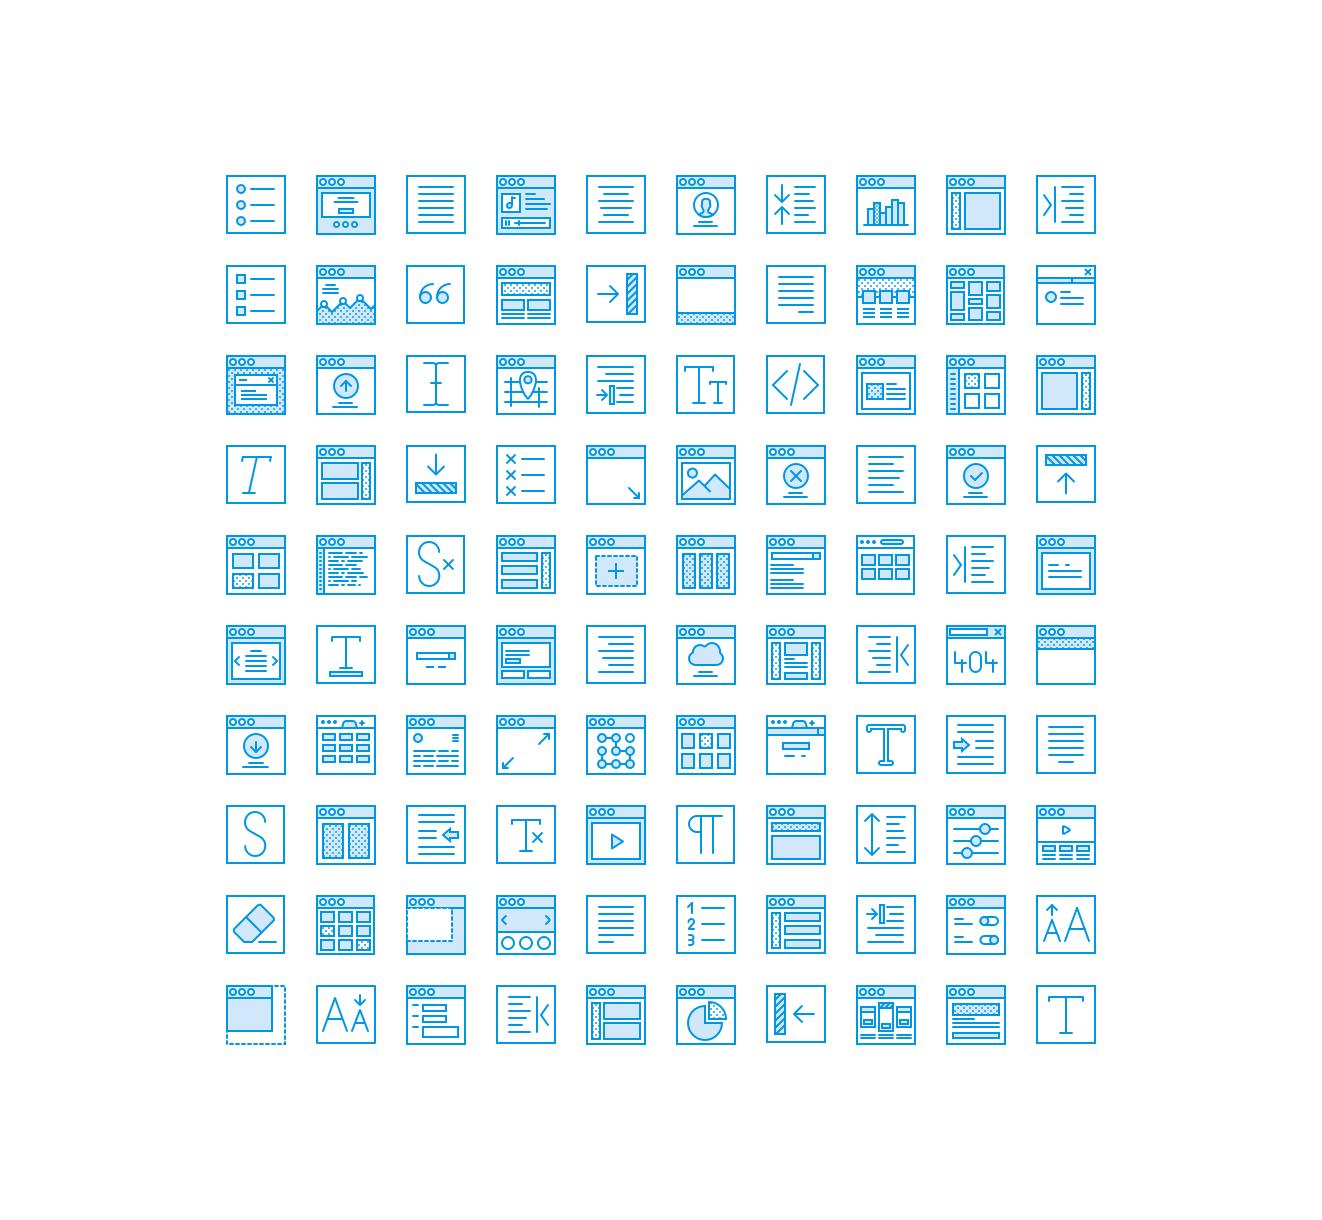 مجموعه آیکون رابط کاربری User Interface Icon Pack